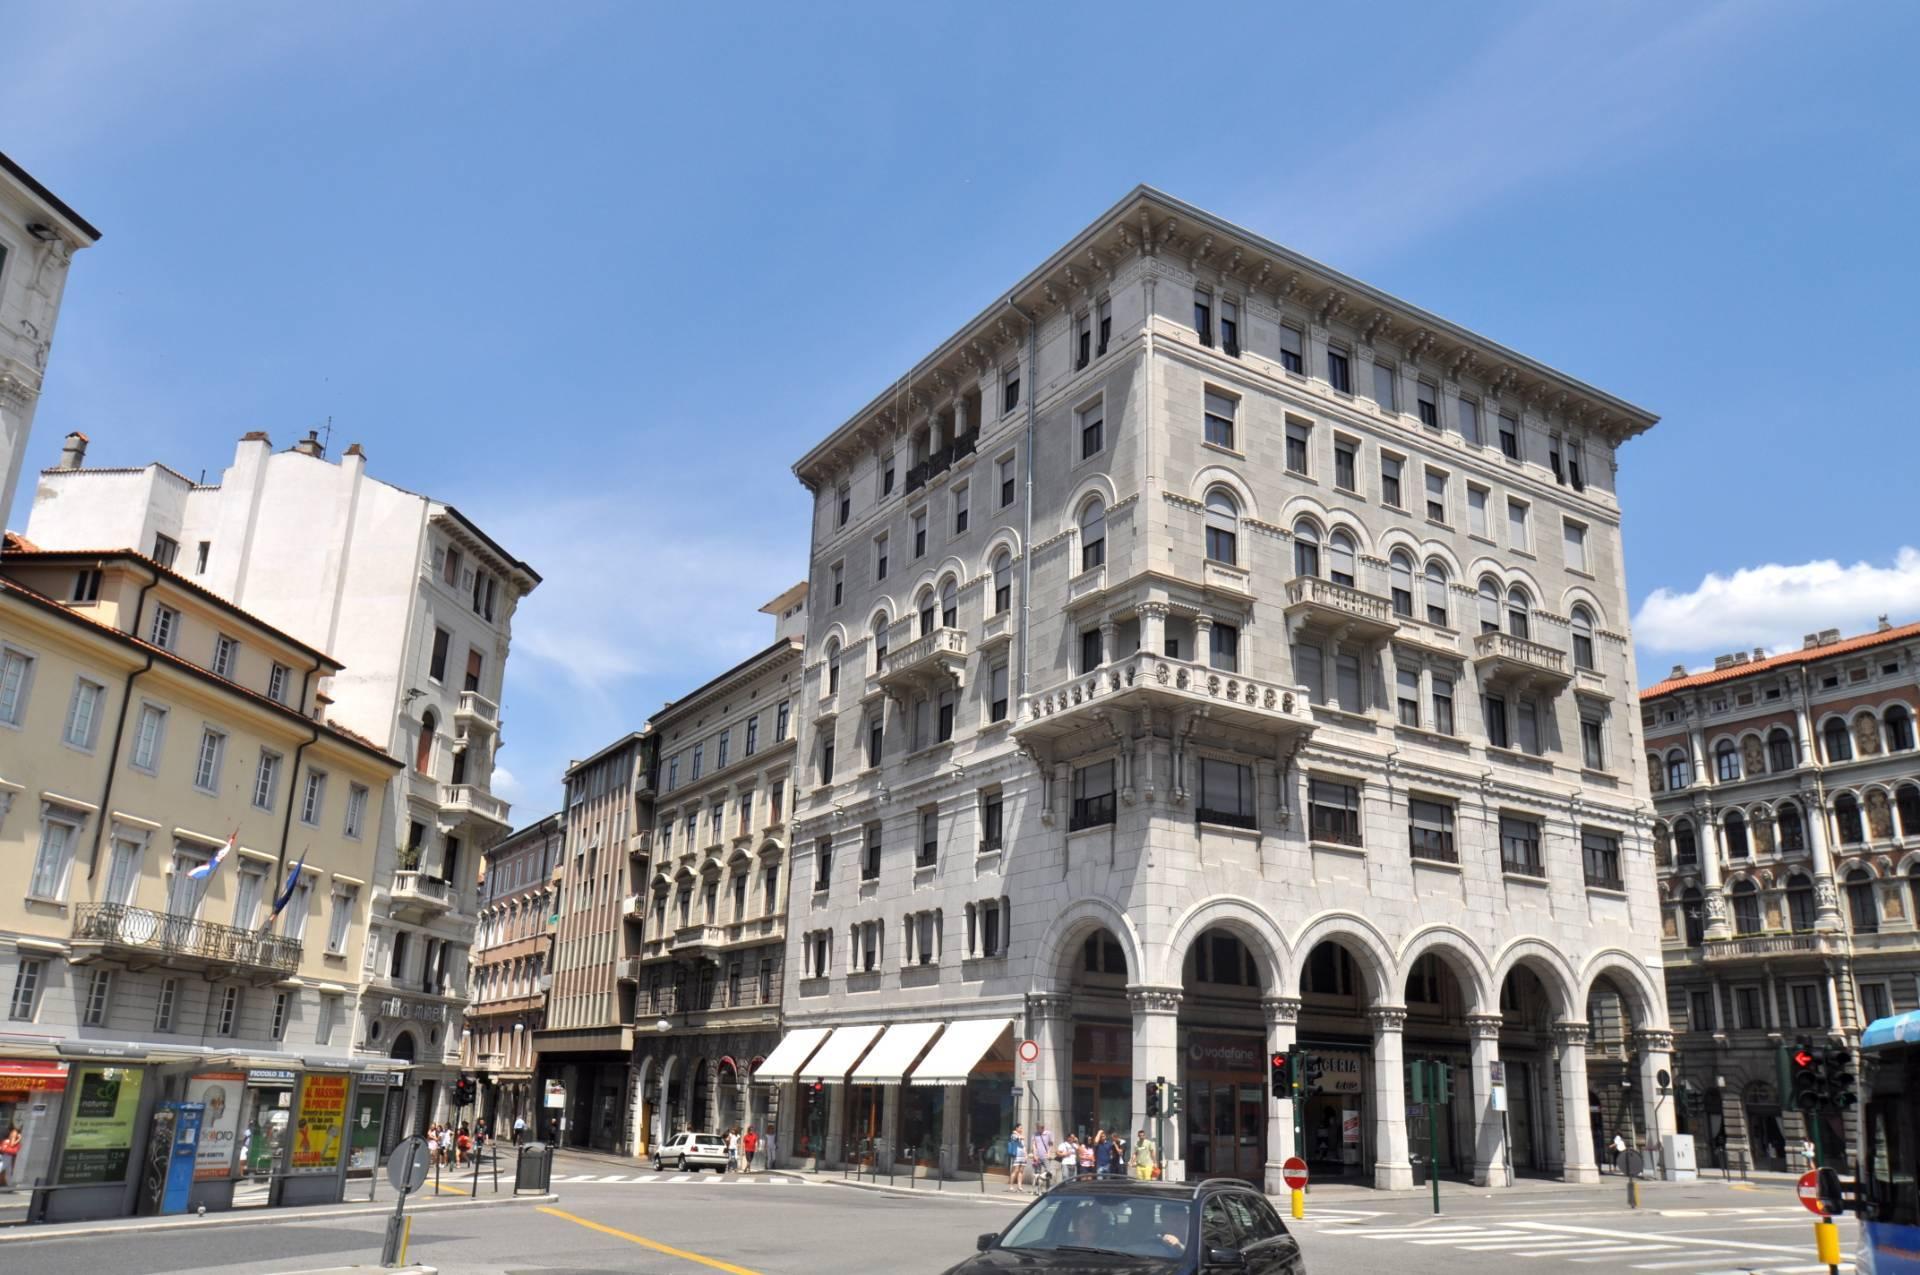 Ufficio / Studio in affitto a Trieste, 9999 locali, zona Zona: Centro, prezzo € 1.350   CambioCasa.it